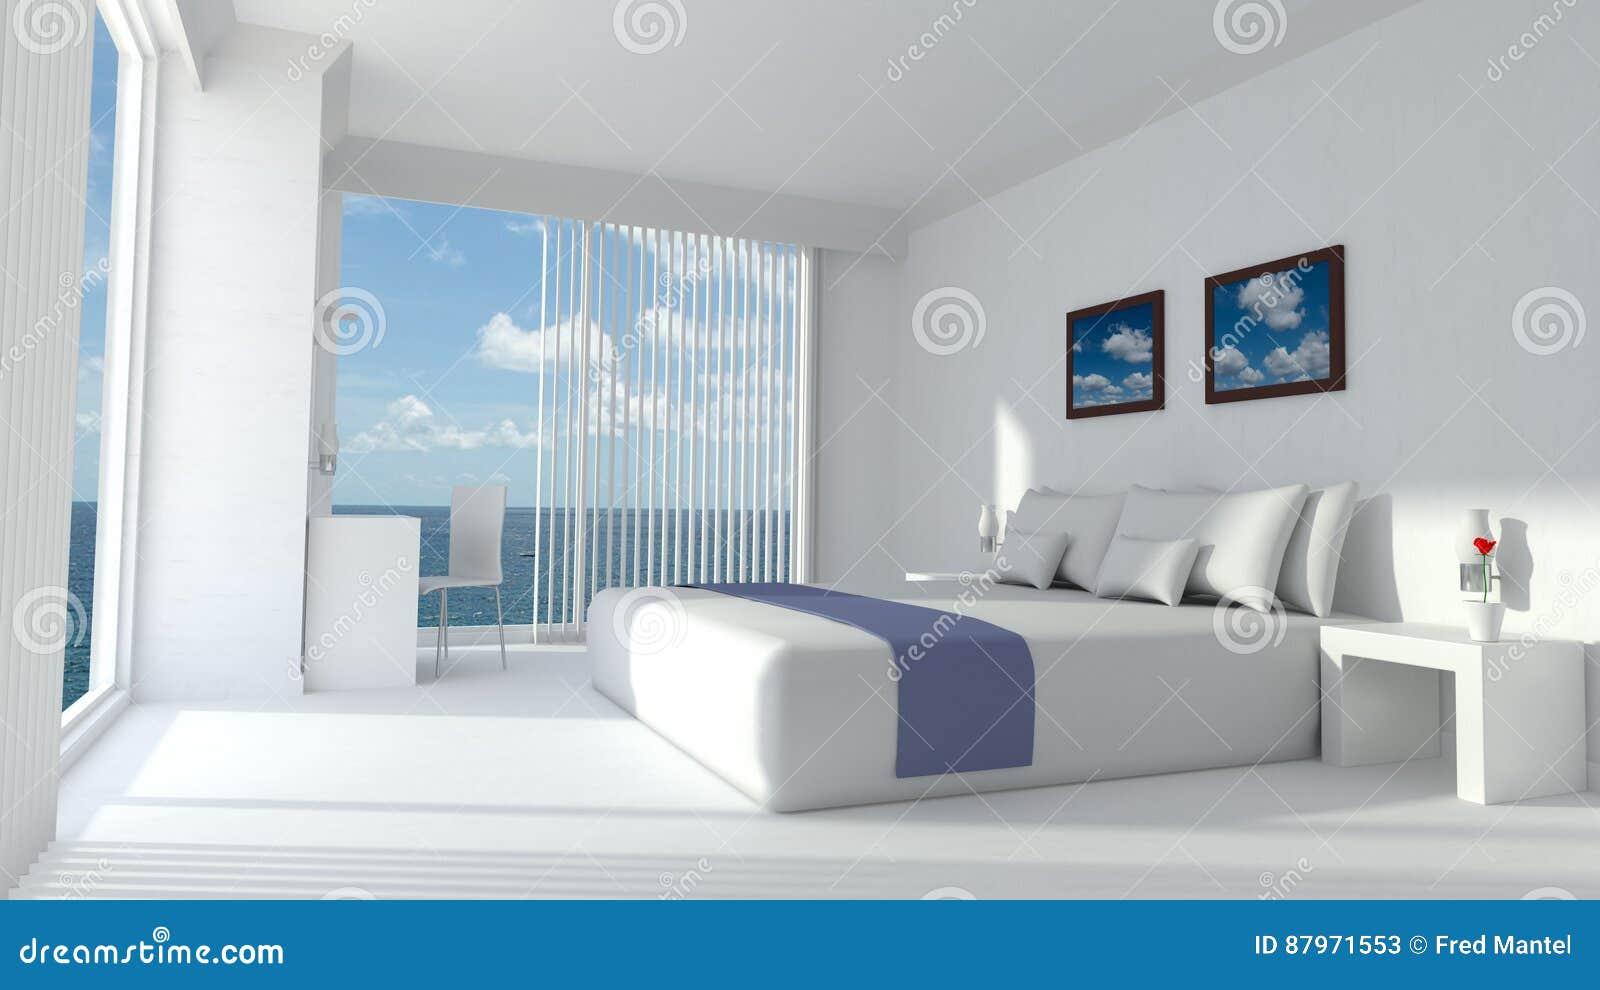 Rendu De Luxe Moderne De La Chambre D\'hôtel 3D Illustration Stock ...